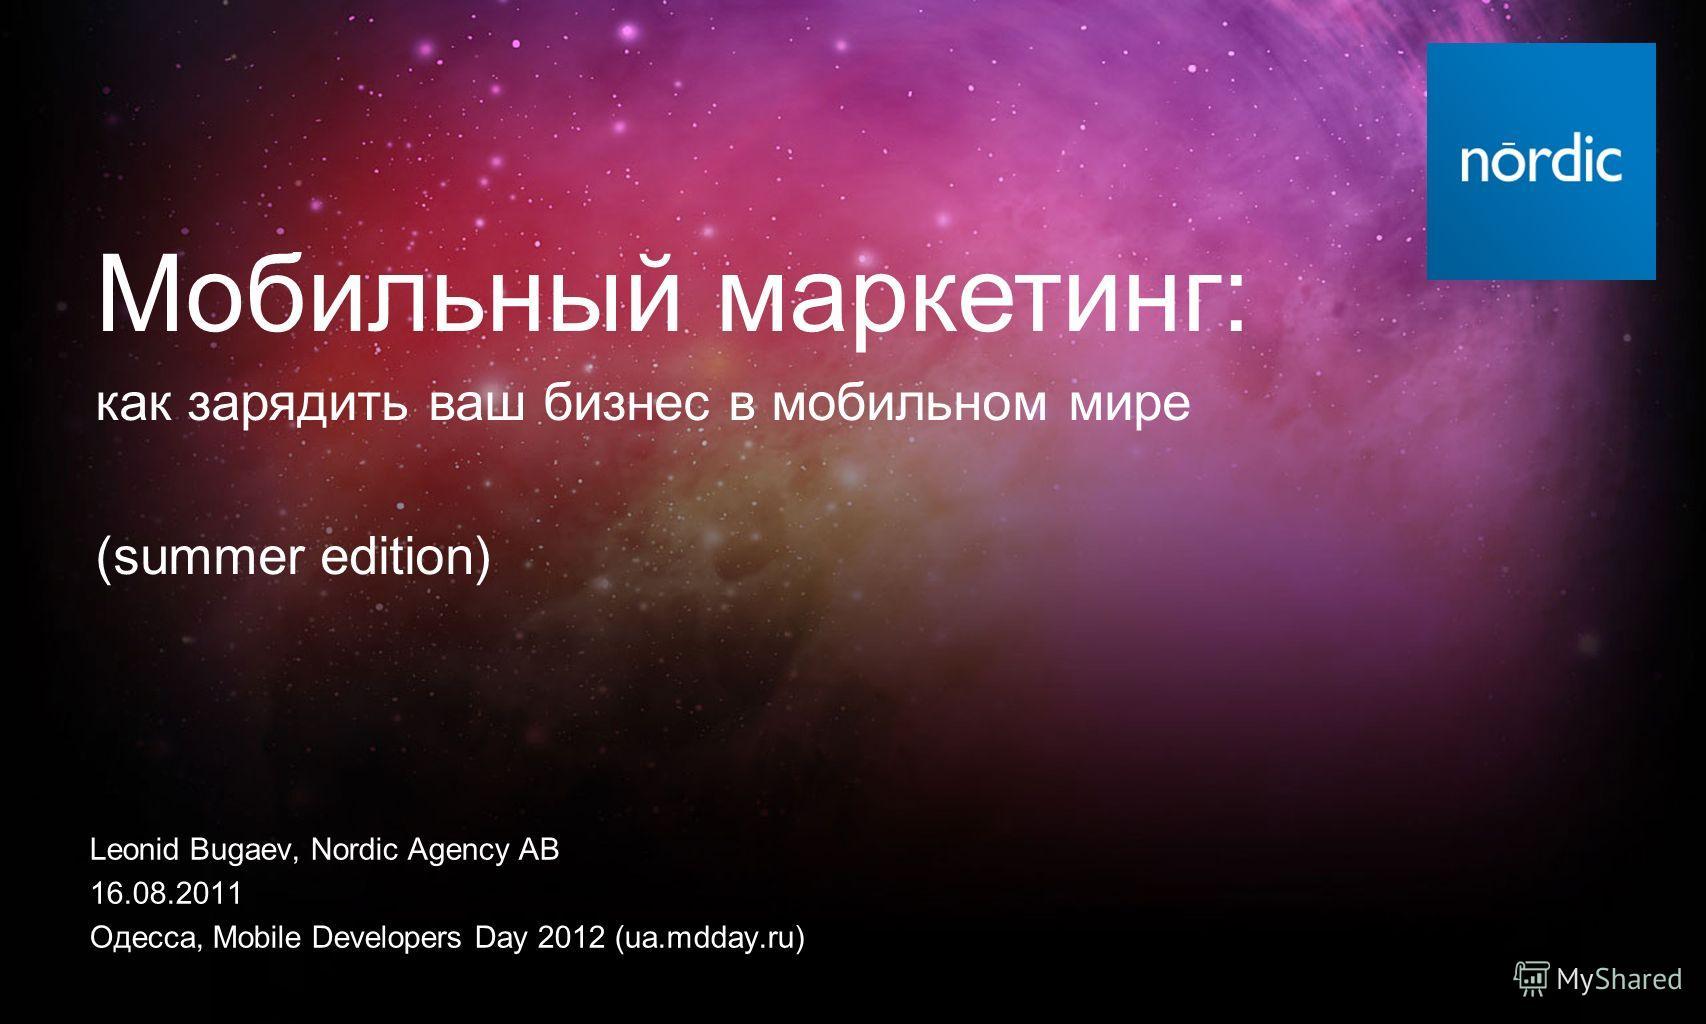 Leonid Bugaev, Nordic Agency AB 16.08.2011 Одесса, Mobile Developers Day 2012 (ua.mdday.ru) Мобильный маркетинг: как зарядить ваш бизнес в мобильном мире (summer edition)